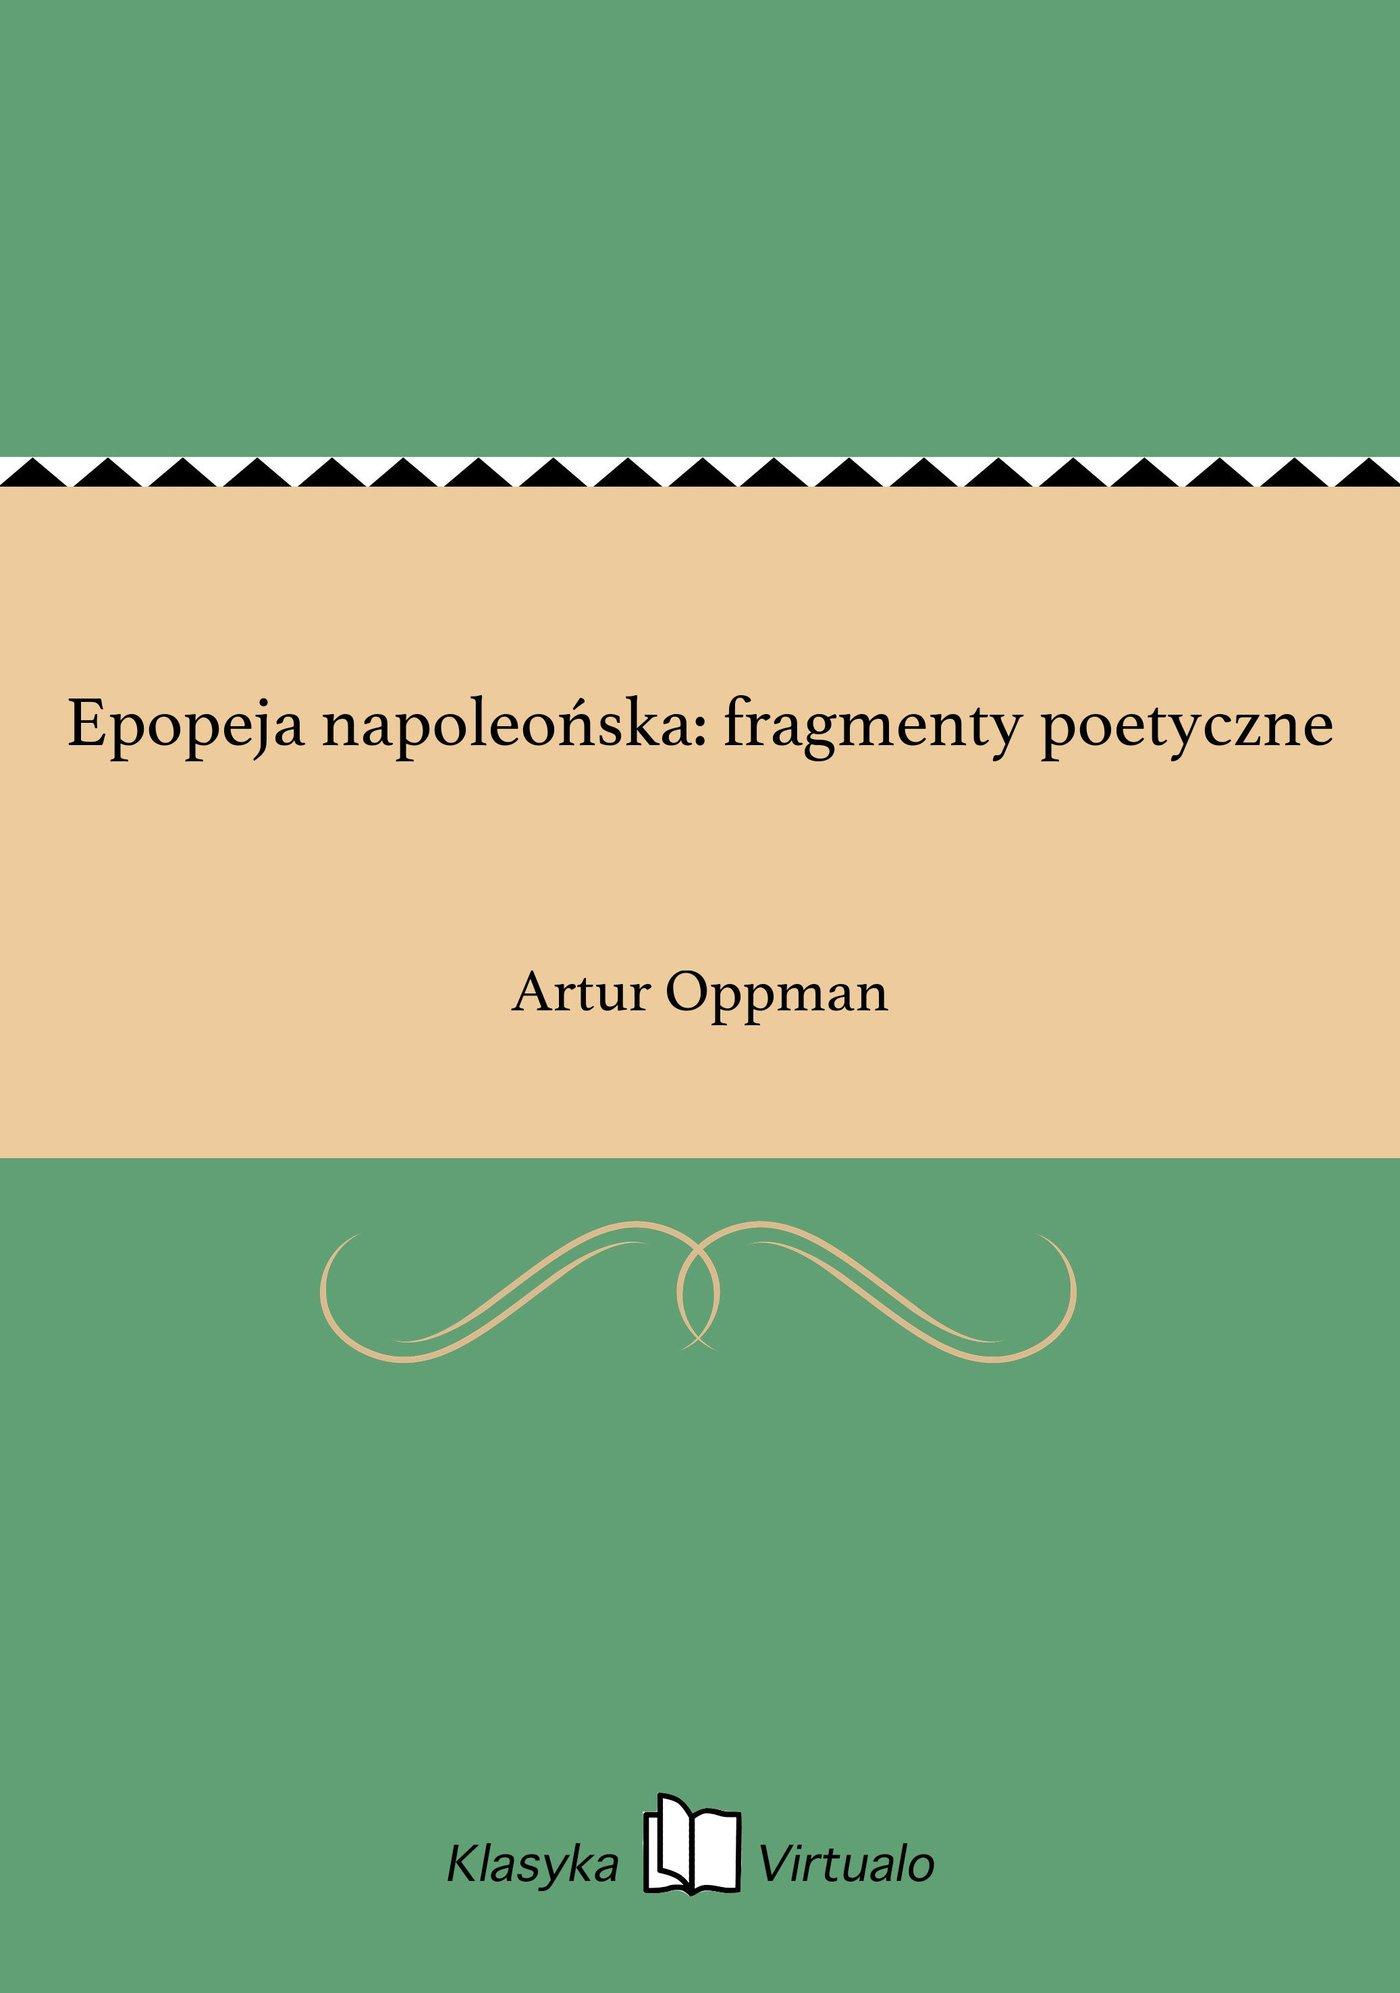 Epopeja napoleońska: fragmenty poetyczne - Ebook (Książka EPUB) do pobrania w formacie EPUB